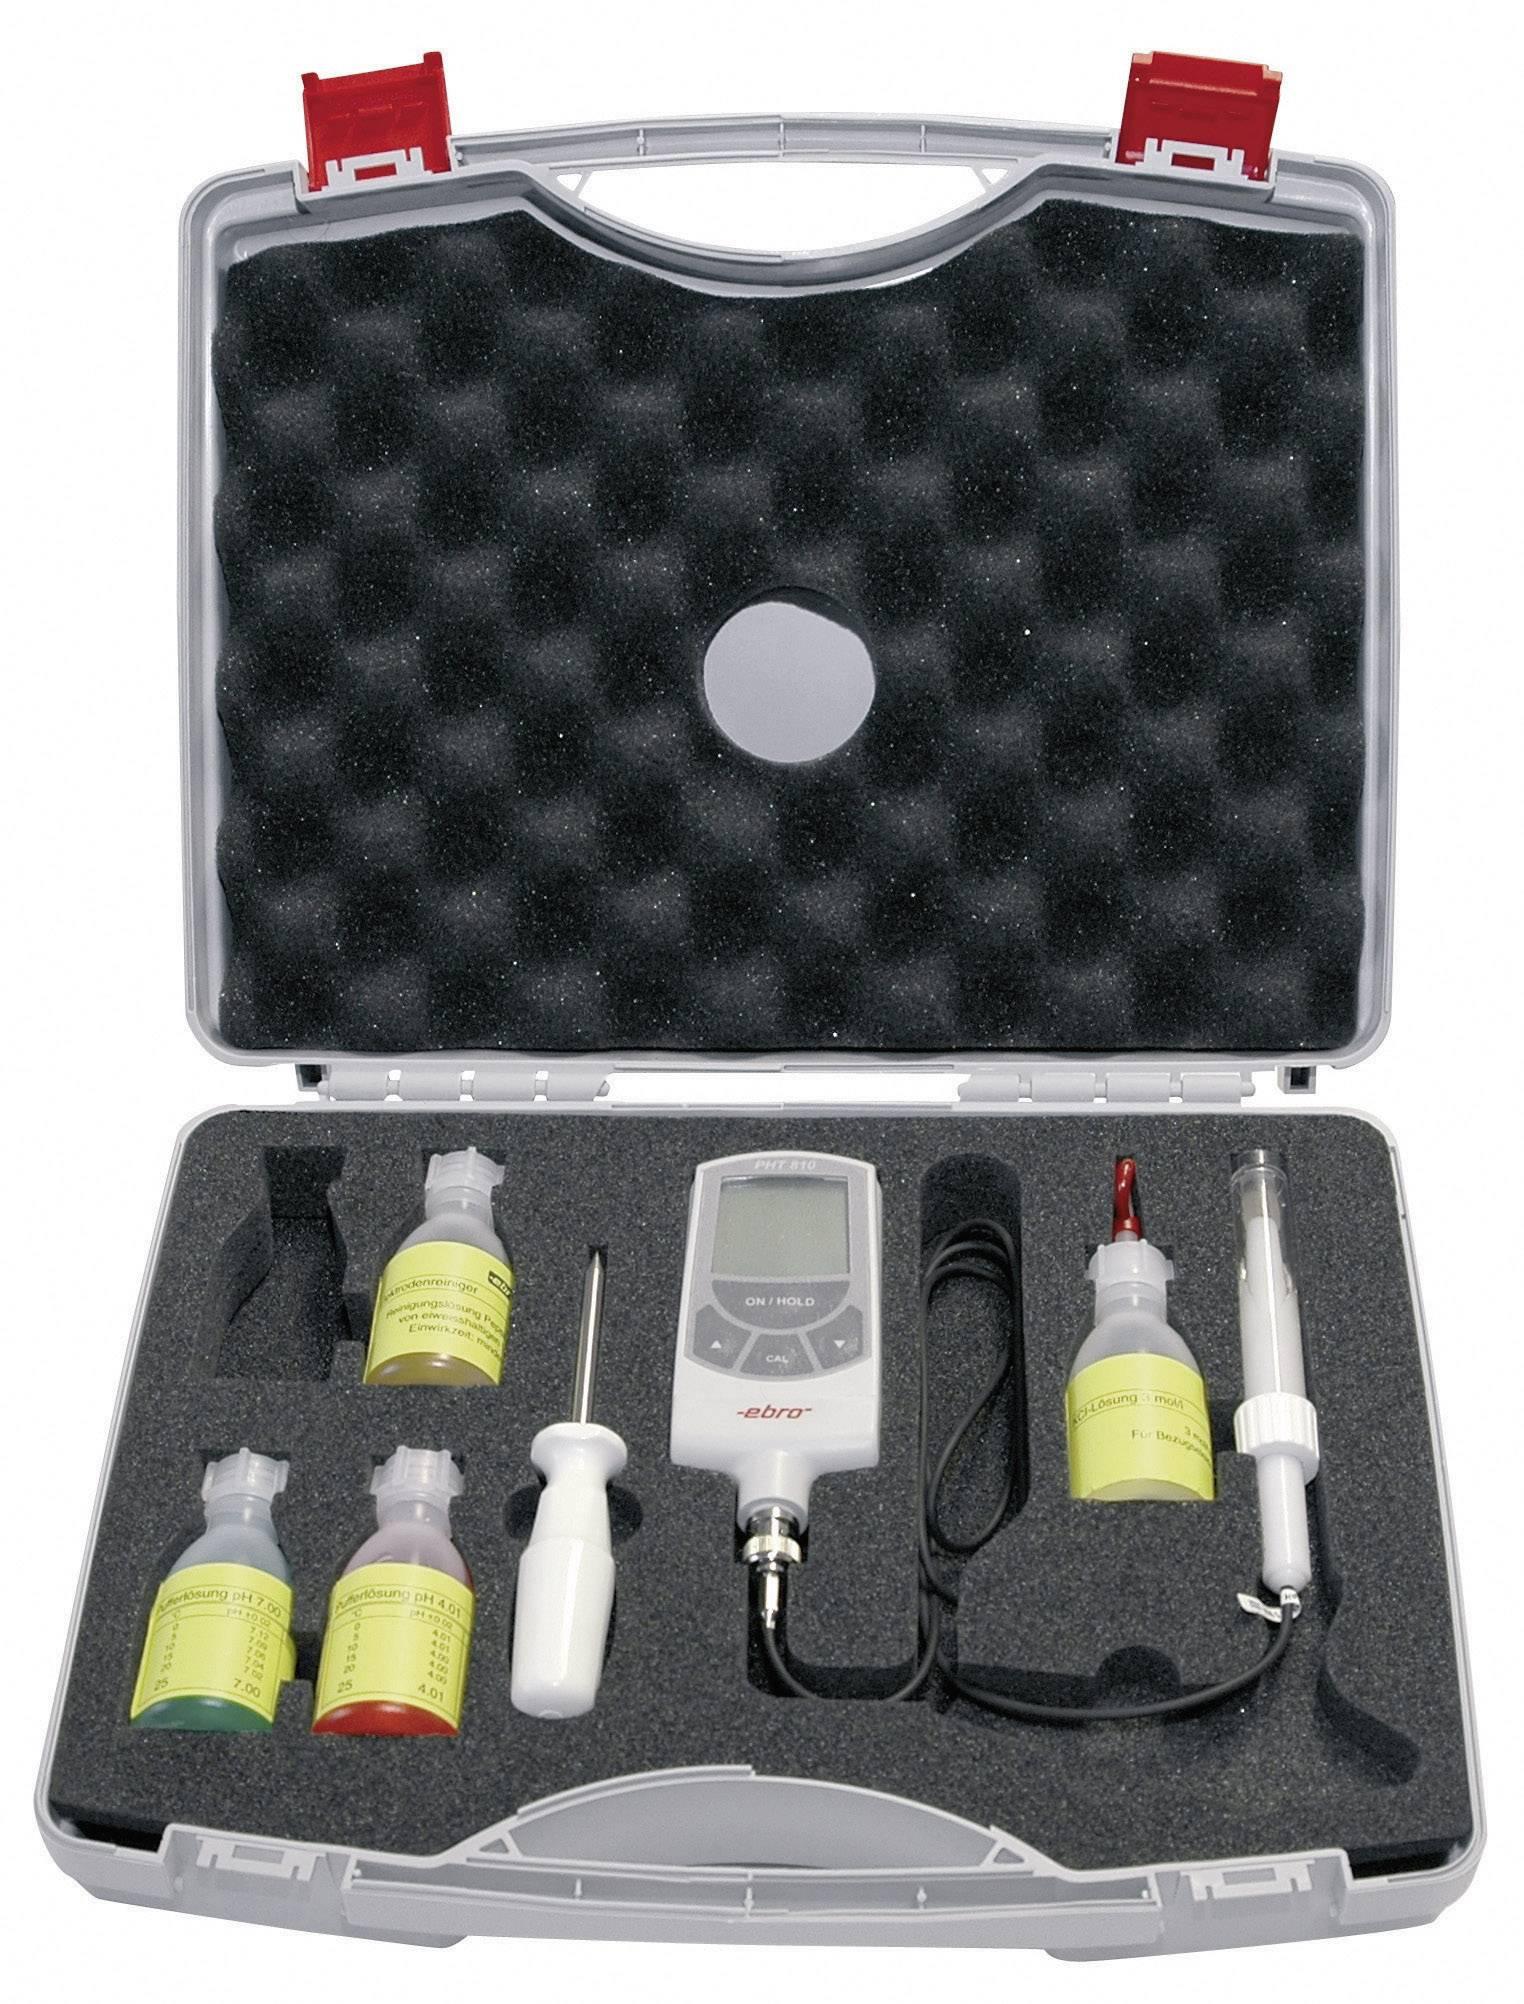 Sada pH metra ebro ST 1000, presnosť 0.03 pH, rozsah 0 až 14 pH